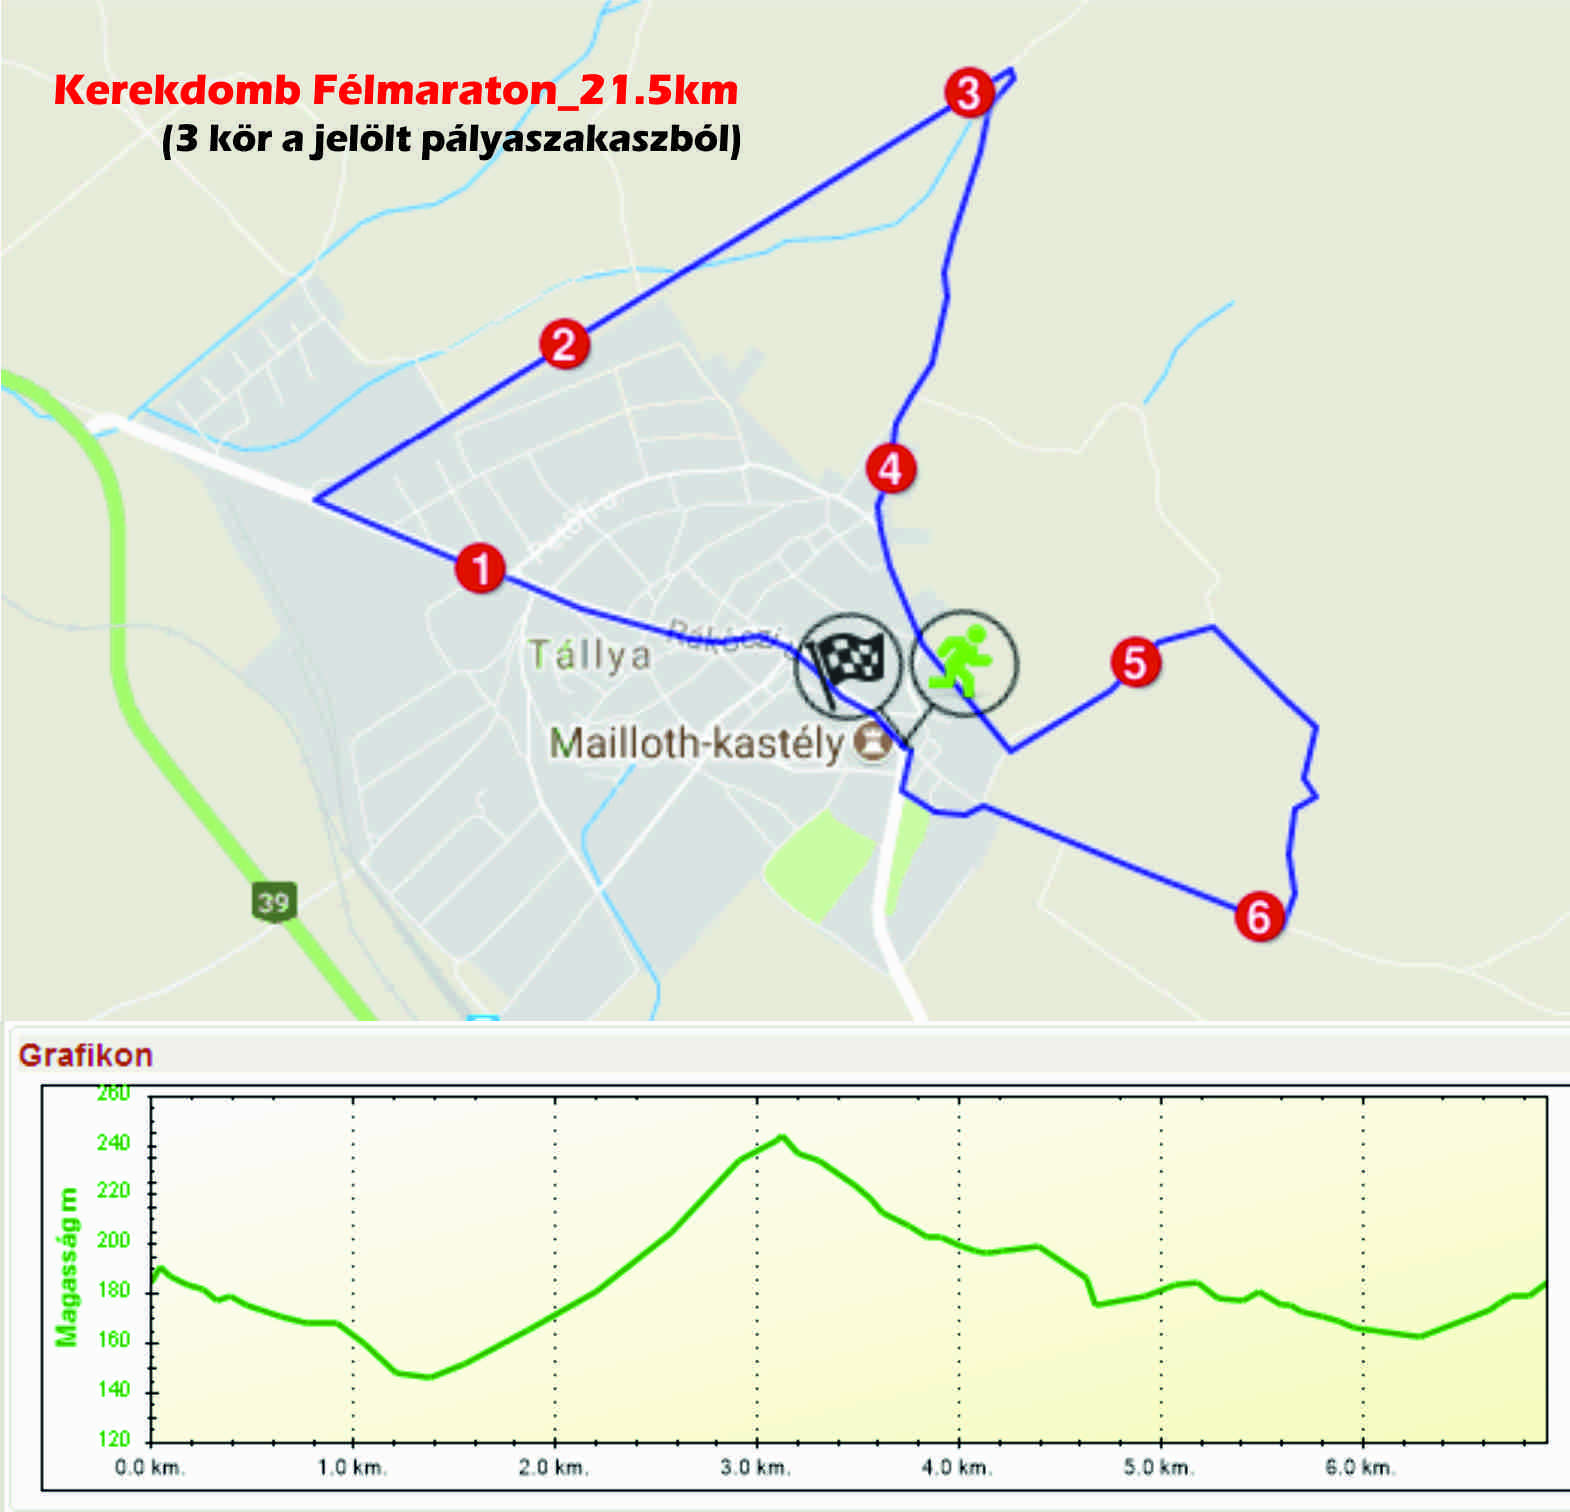 Kerekdomb félmaraton útvonal térkép